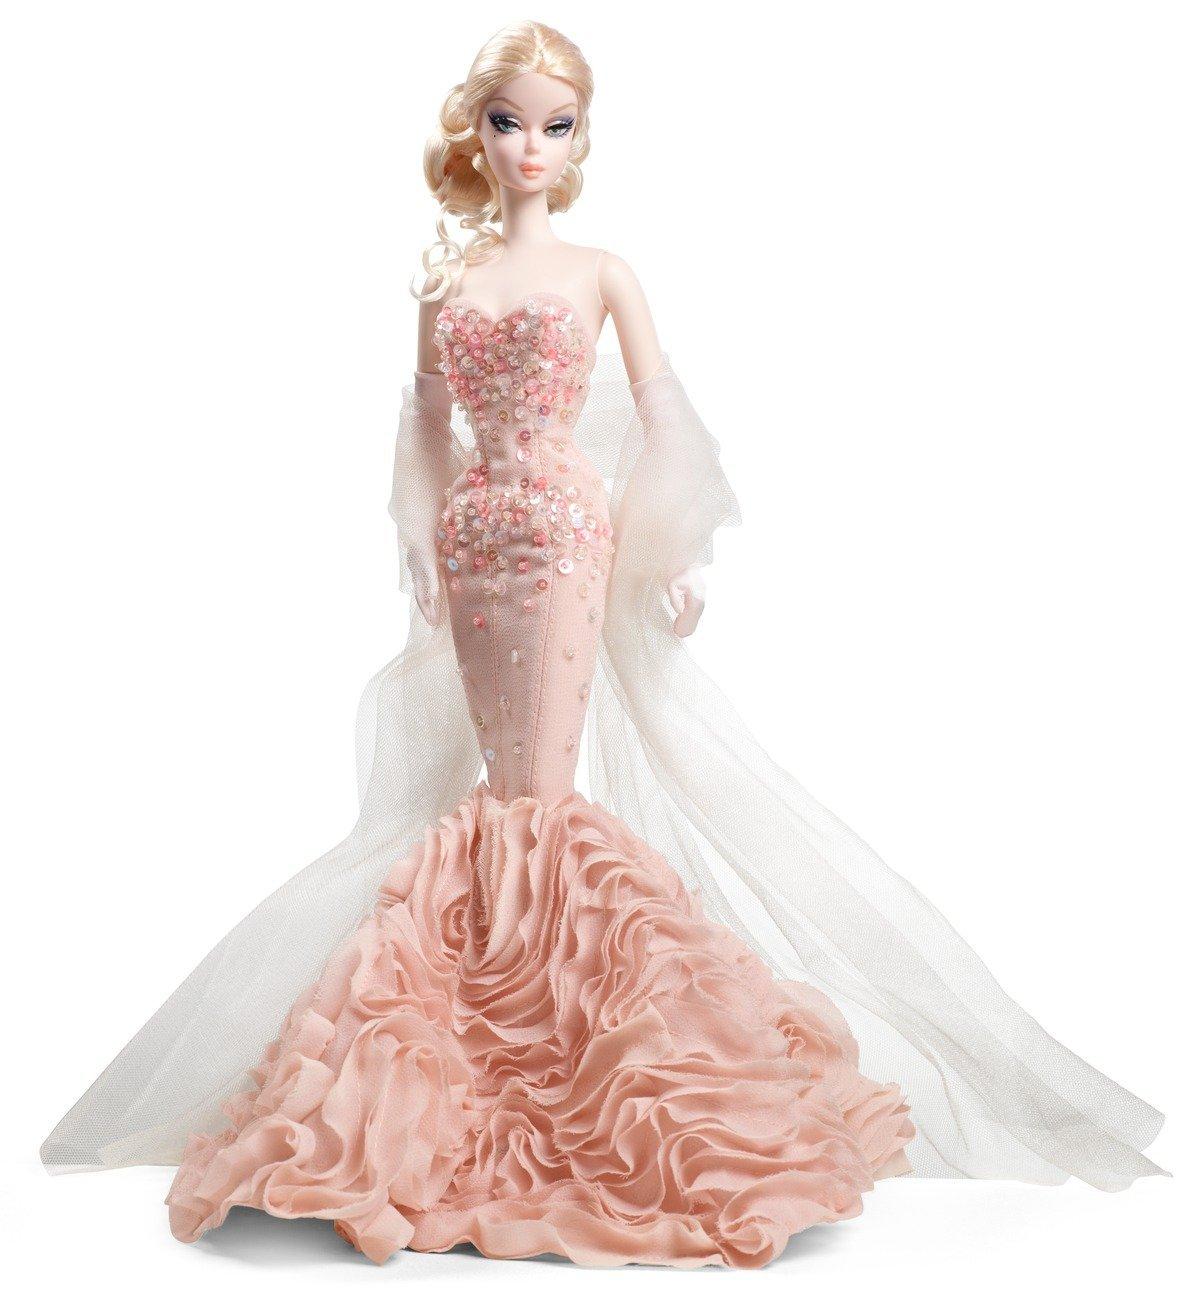 super popular 04867 f5b30 Barbie da collezione: le più belle bambole ai prezzi ...